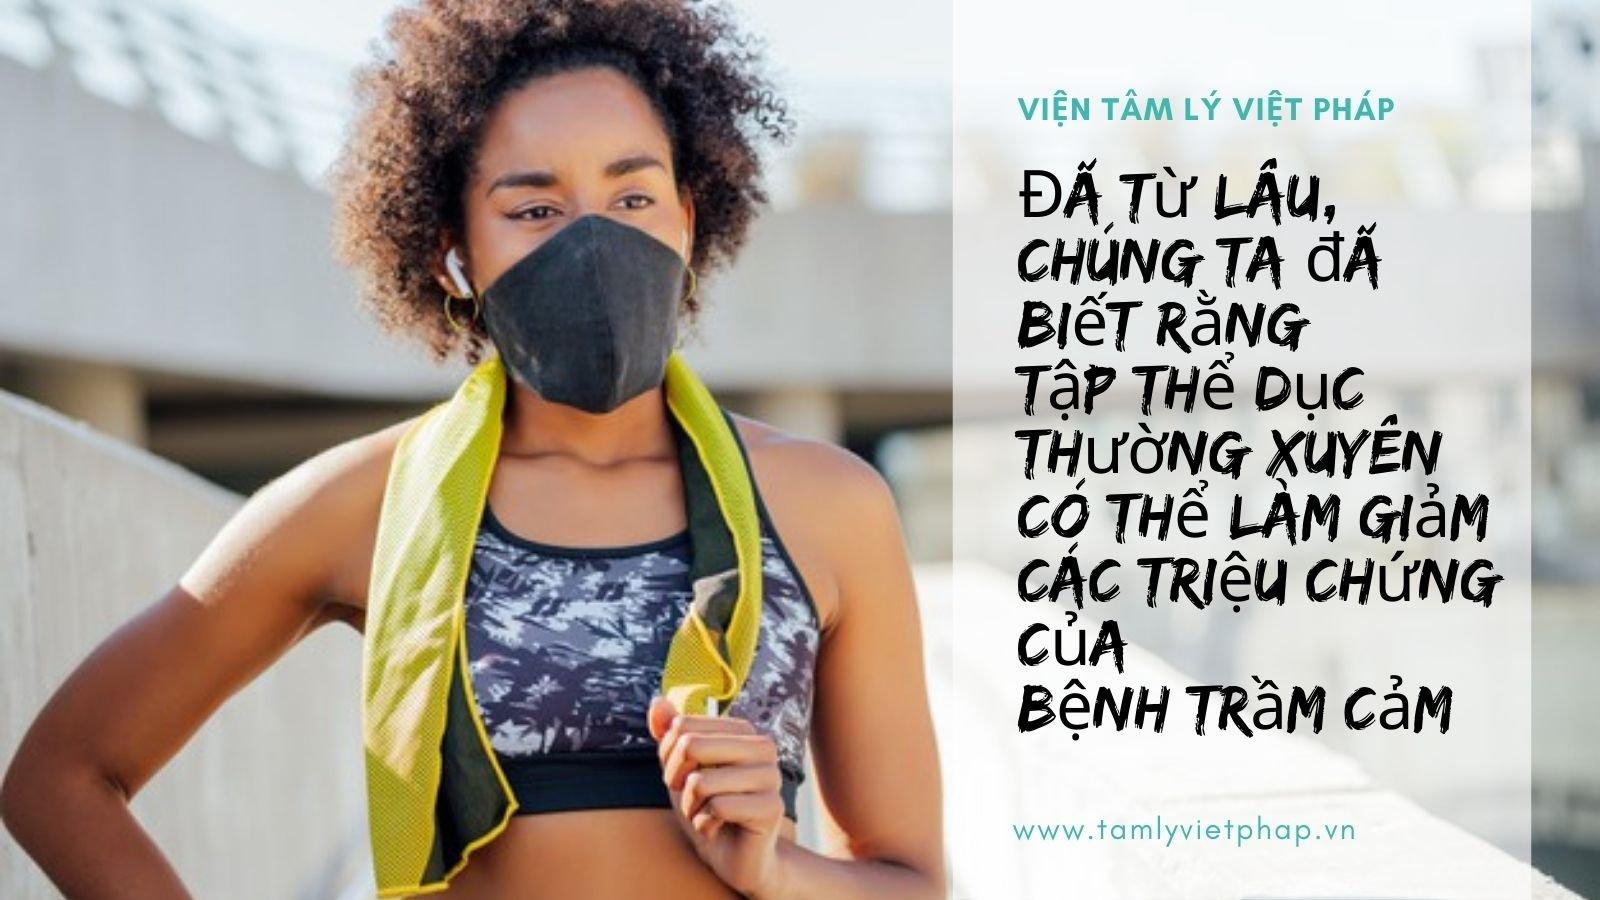 tap_the_duc_giam_trieu_chung_tram_cam